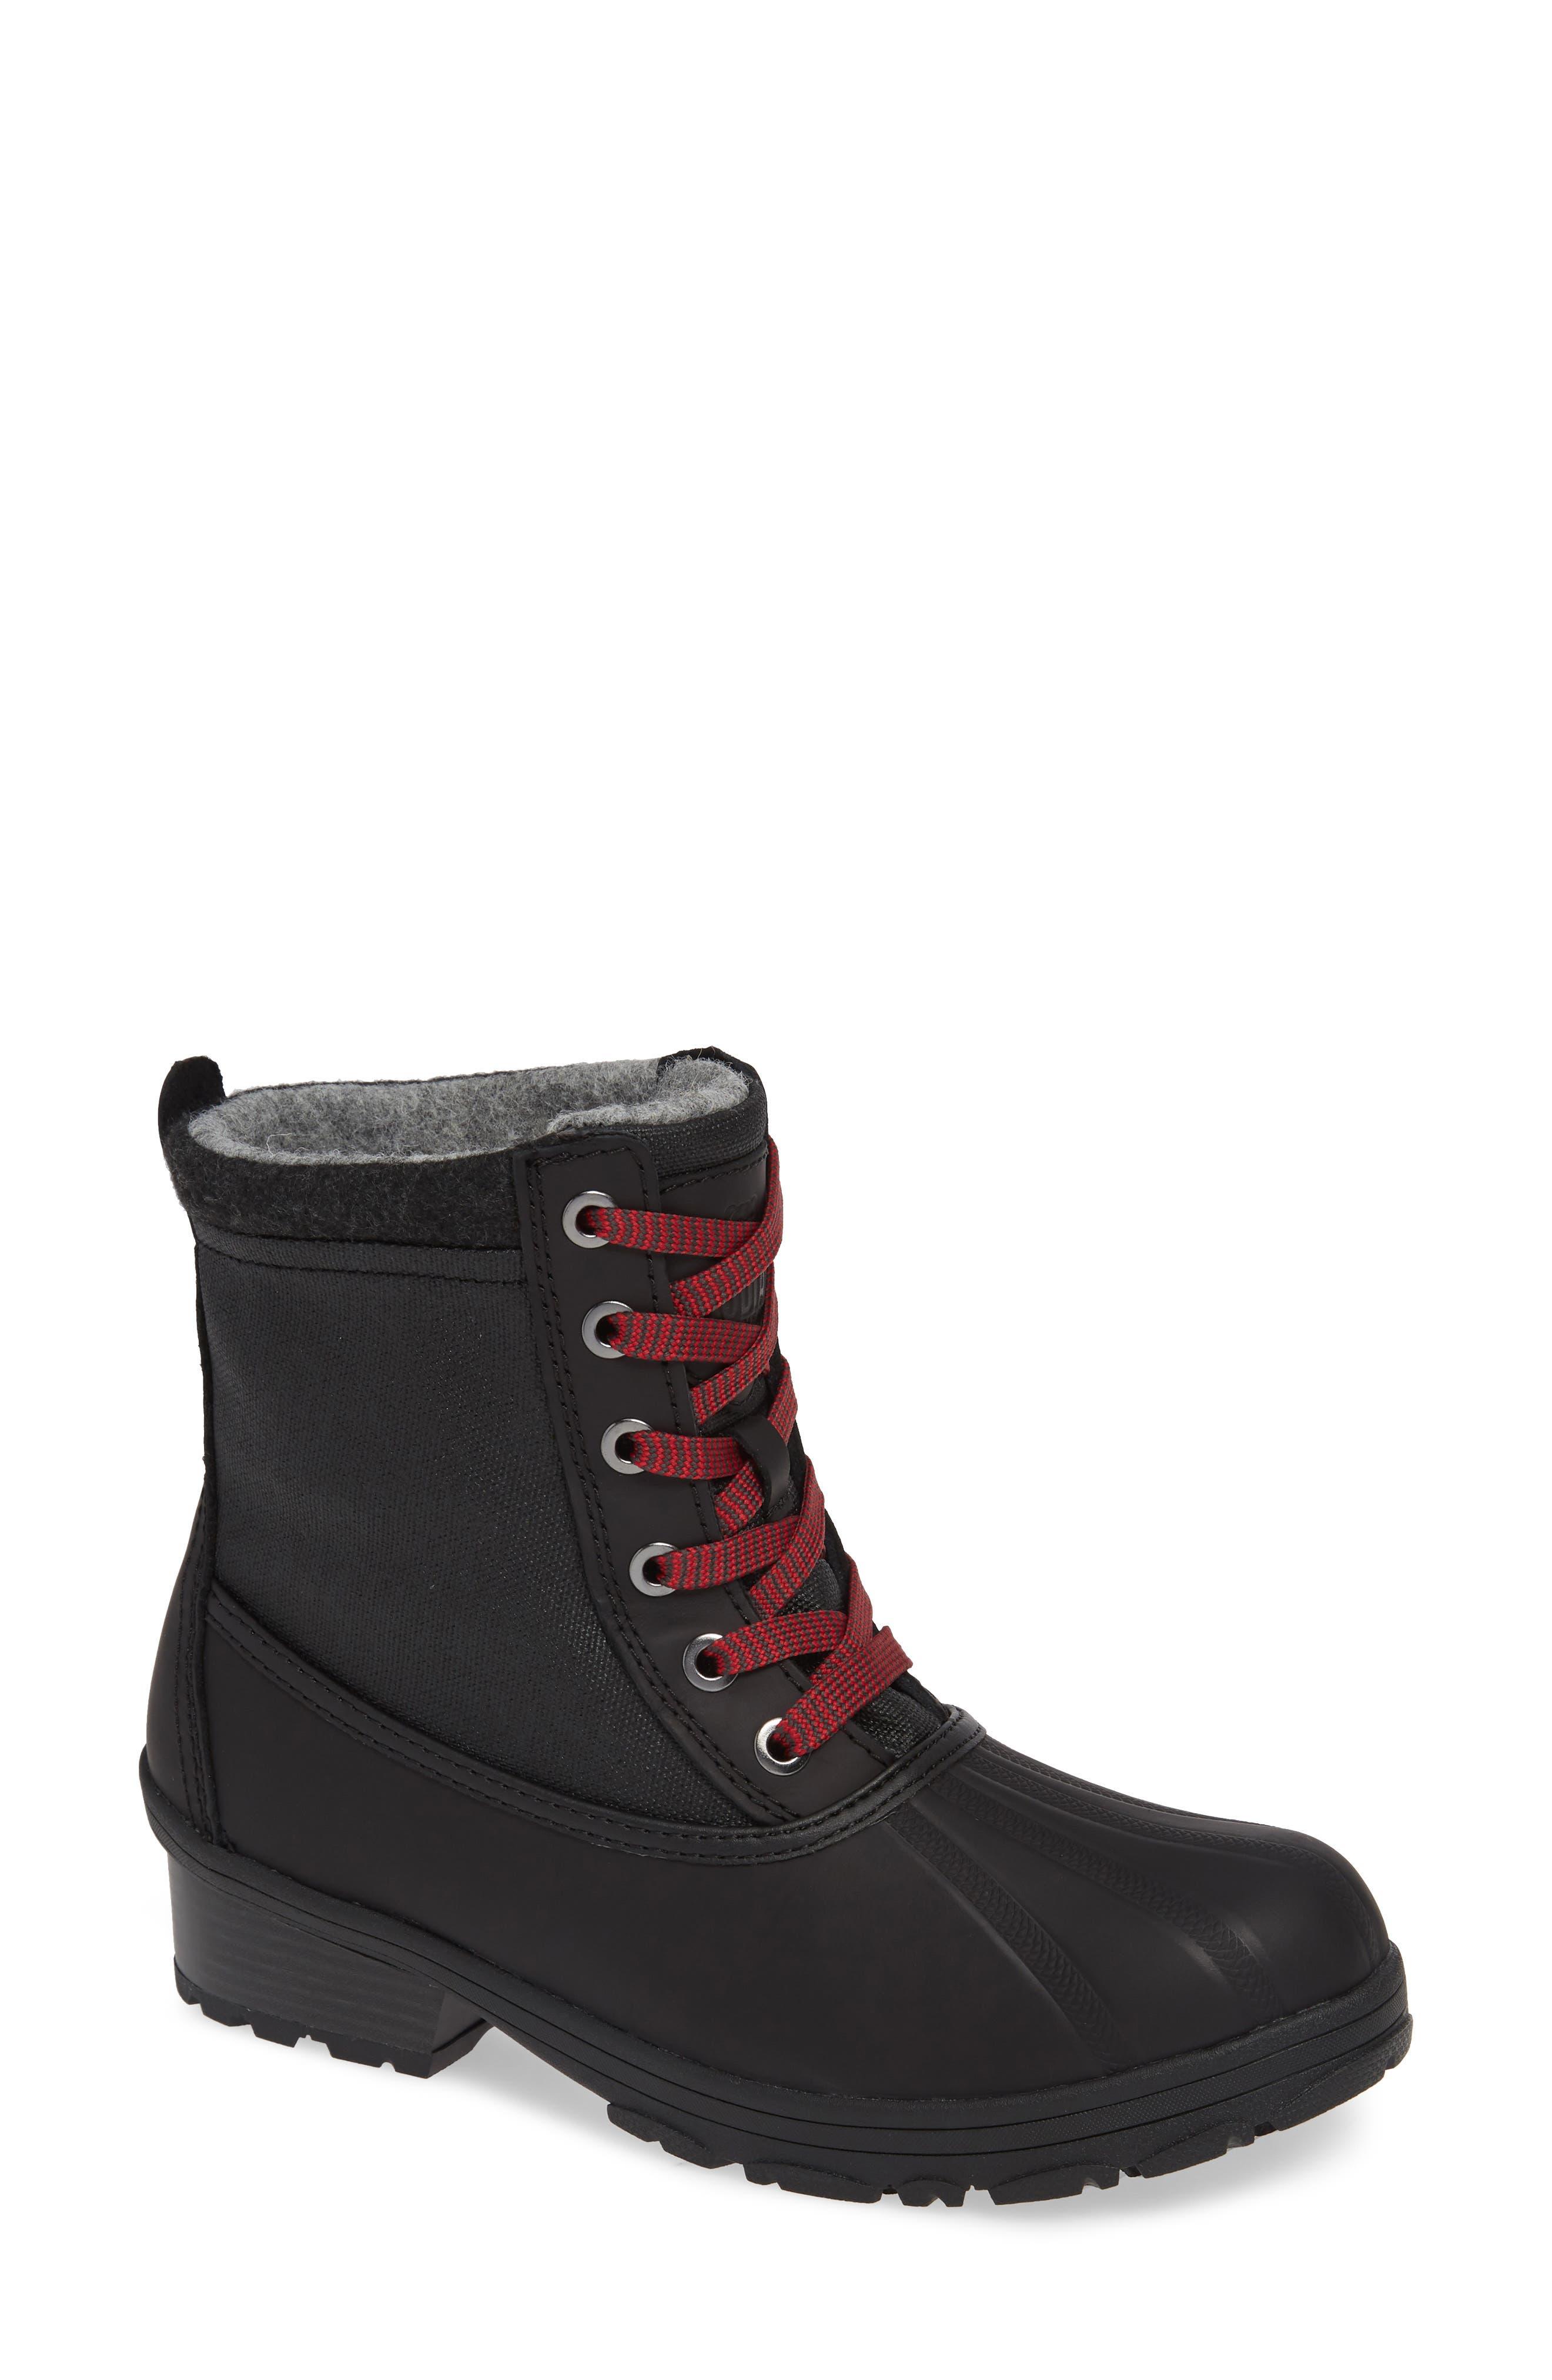 Kodiak Iscenty Waterproof Winter Bootie, Black